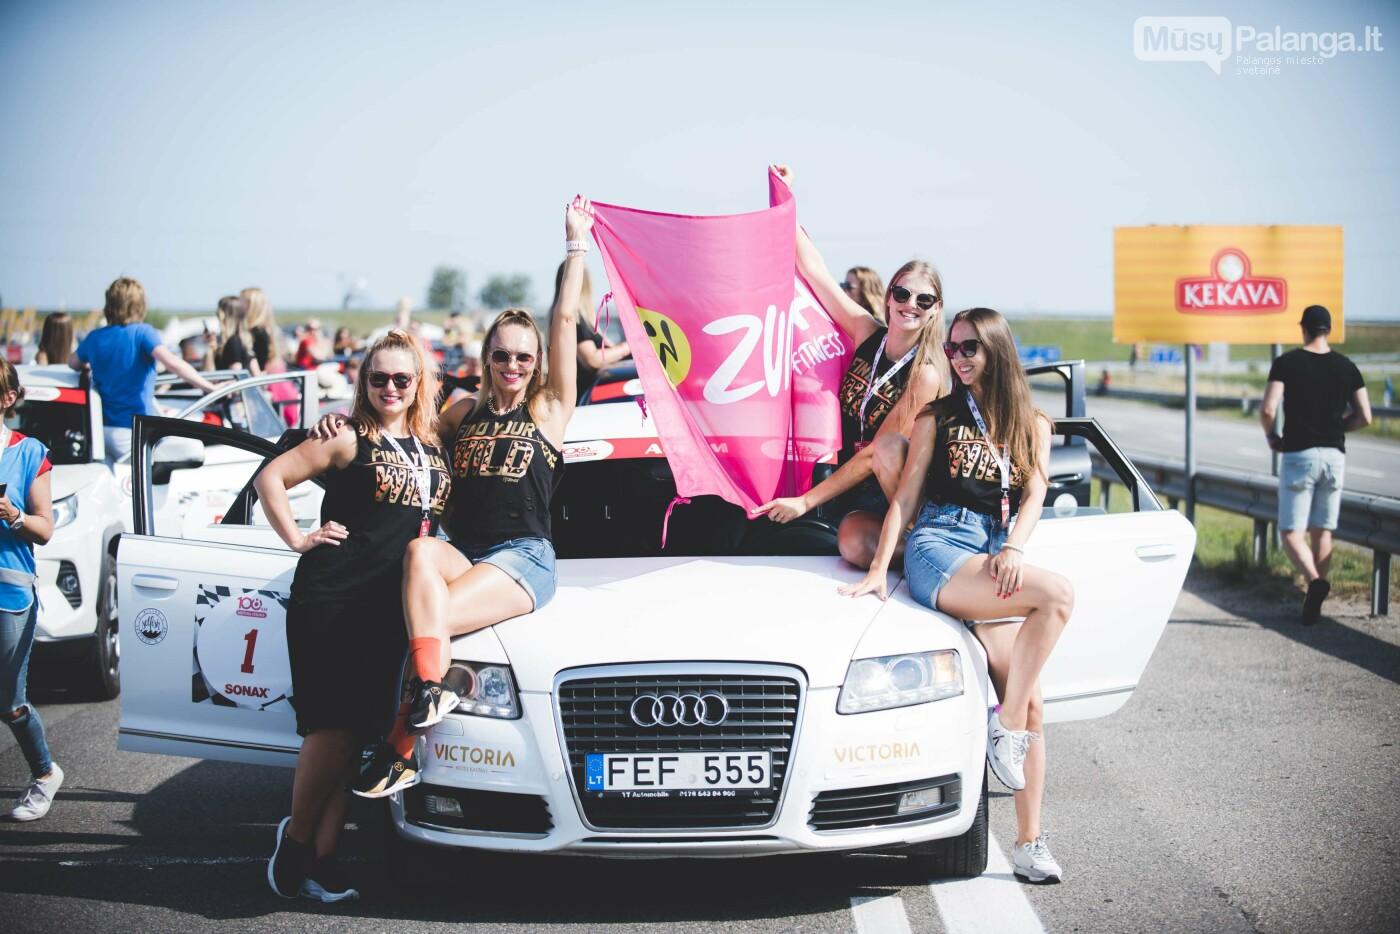 Žiūrovus žavėjo kilometrinė moterų iššūkio dalyvių kolona, nuotrauka-25, Vytauto PILKAUSKO ir Arno STRUMILOS nuotraukos